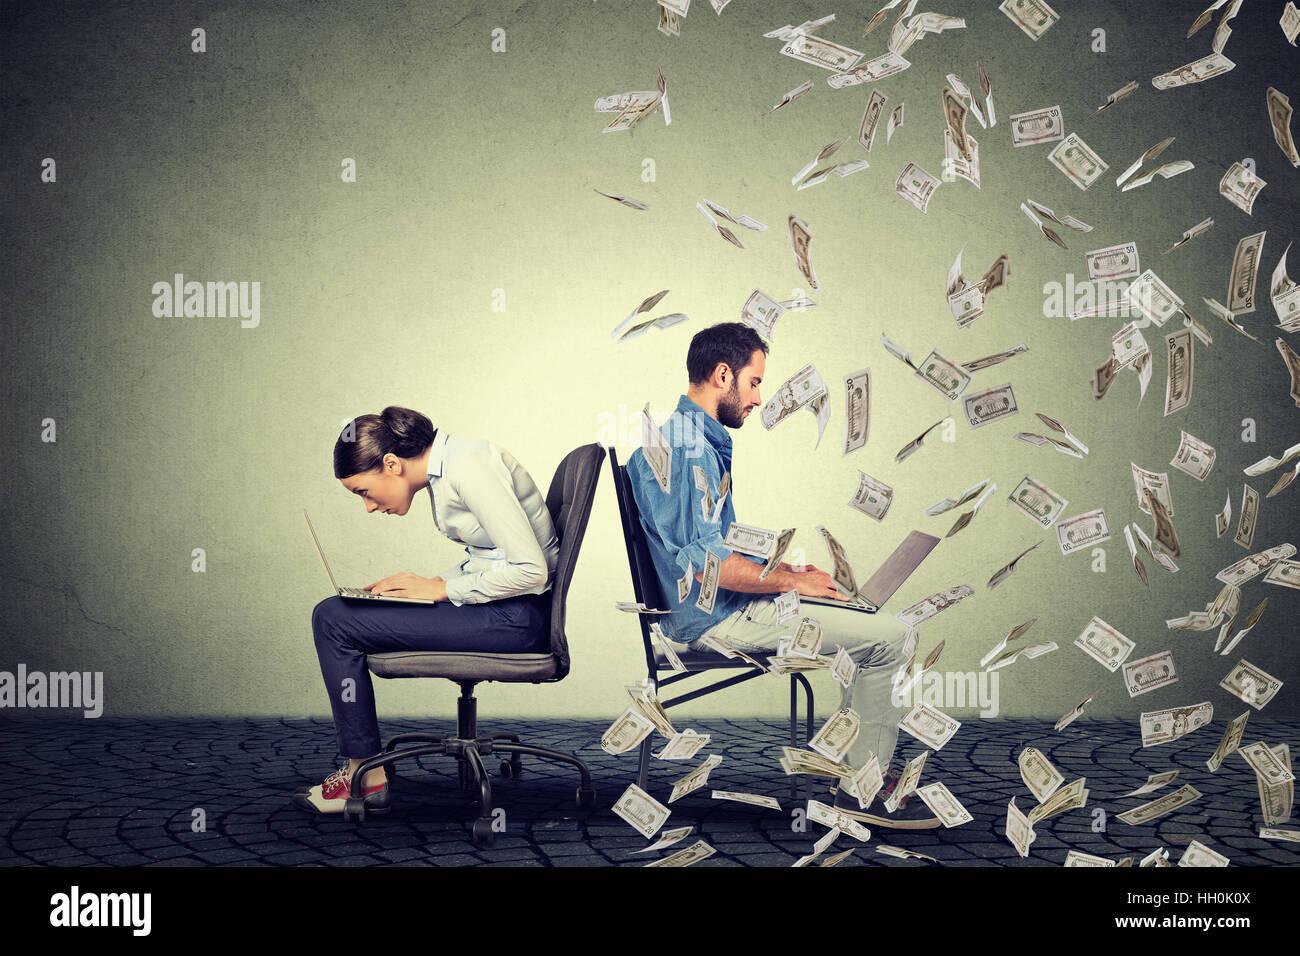 La rémunération des salariés de l'économie concept. Woman working on laptop assis à Photo Stock